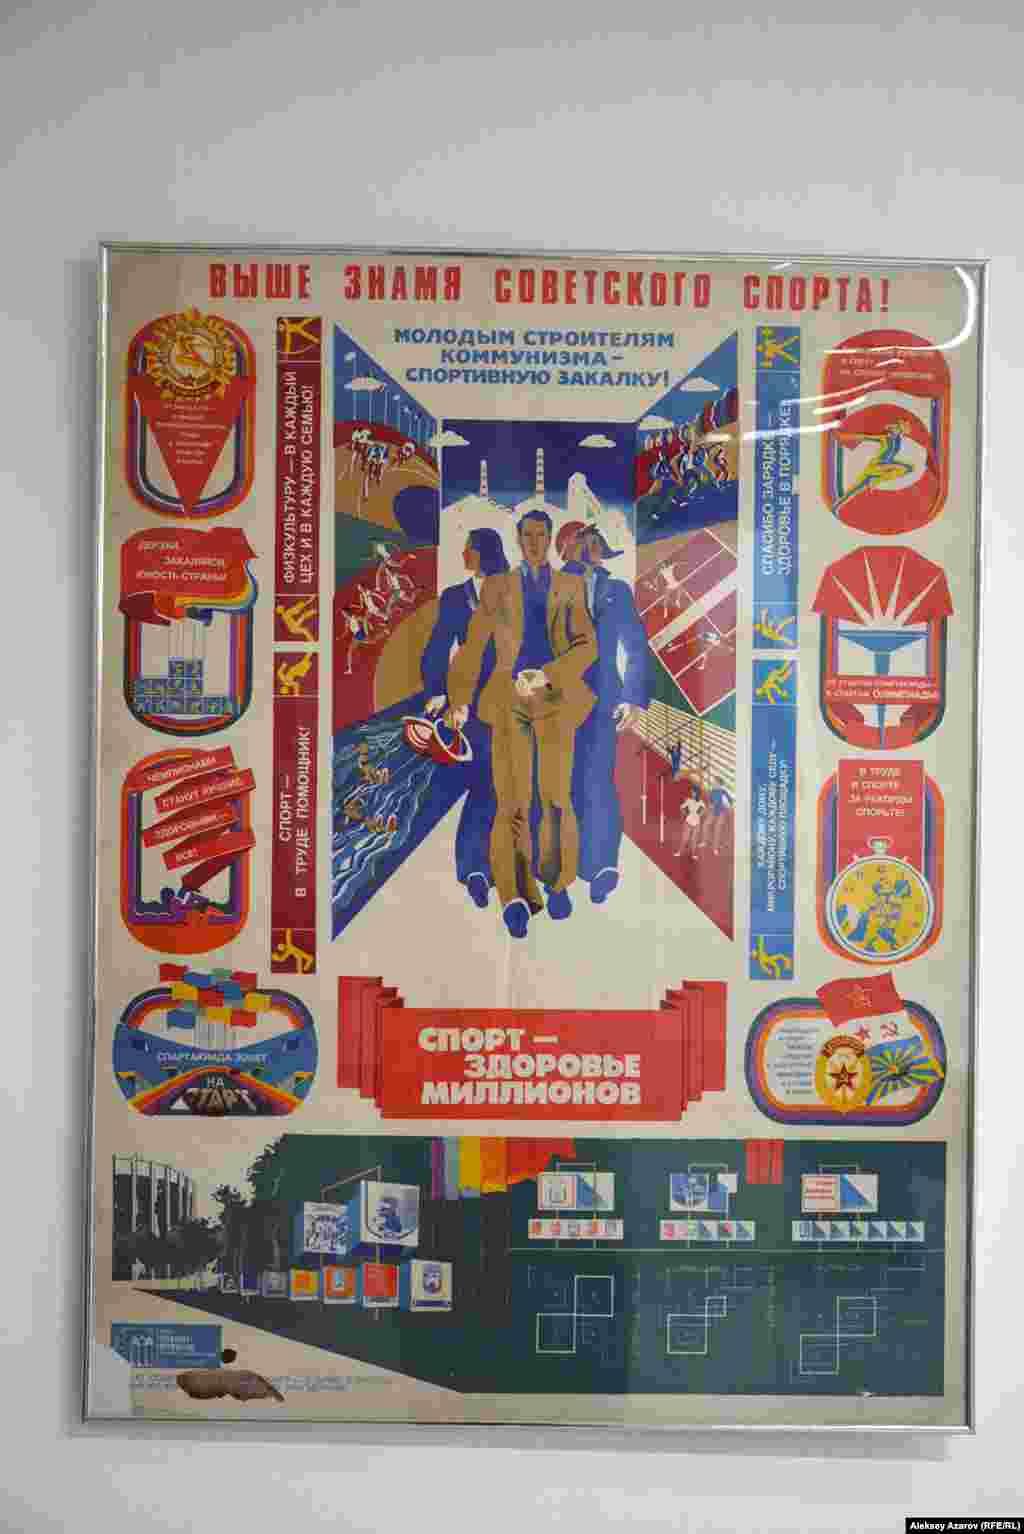 Последним по времени приобретения в коллекции стал этот плакат. Они самый большой в ней. Как видим, этот плакат призывает молодежь заниматься спортом.